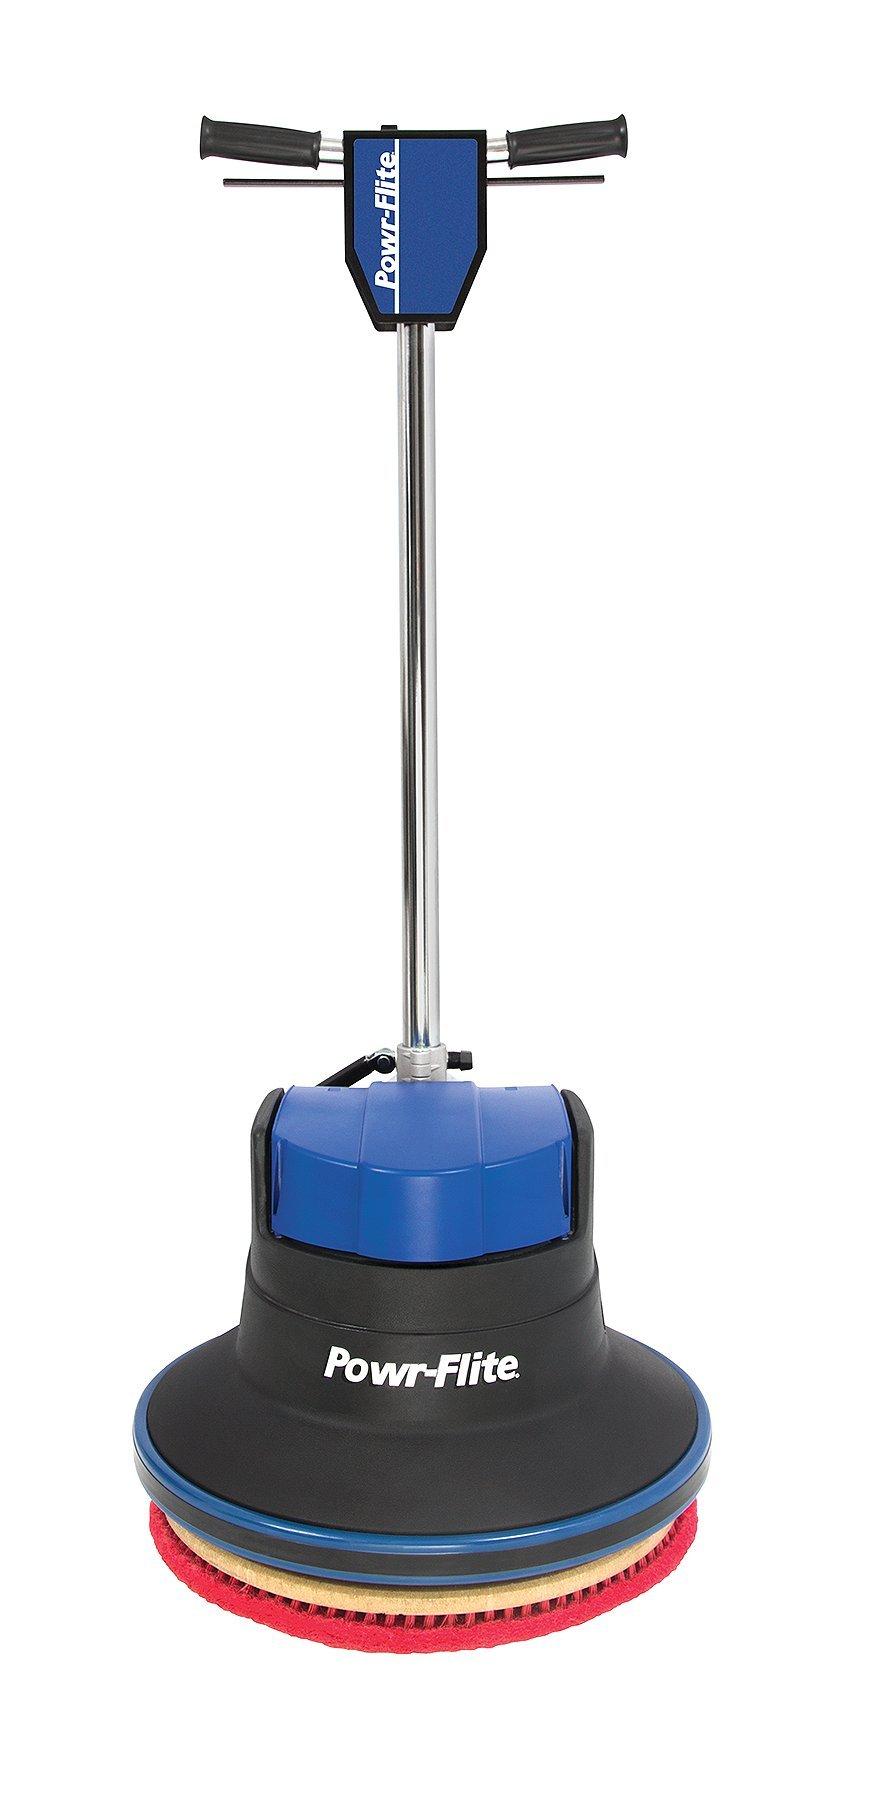 Powr-Flite NM201HD 20'' Millennium Floor Machine - 1.5 hp, 49'' Height